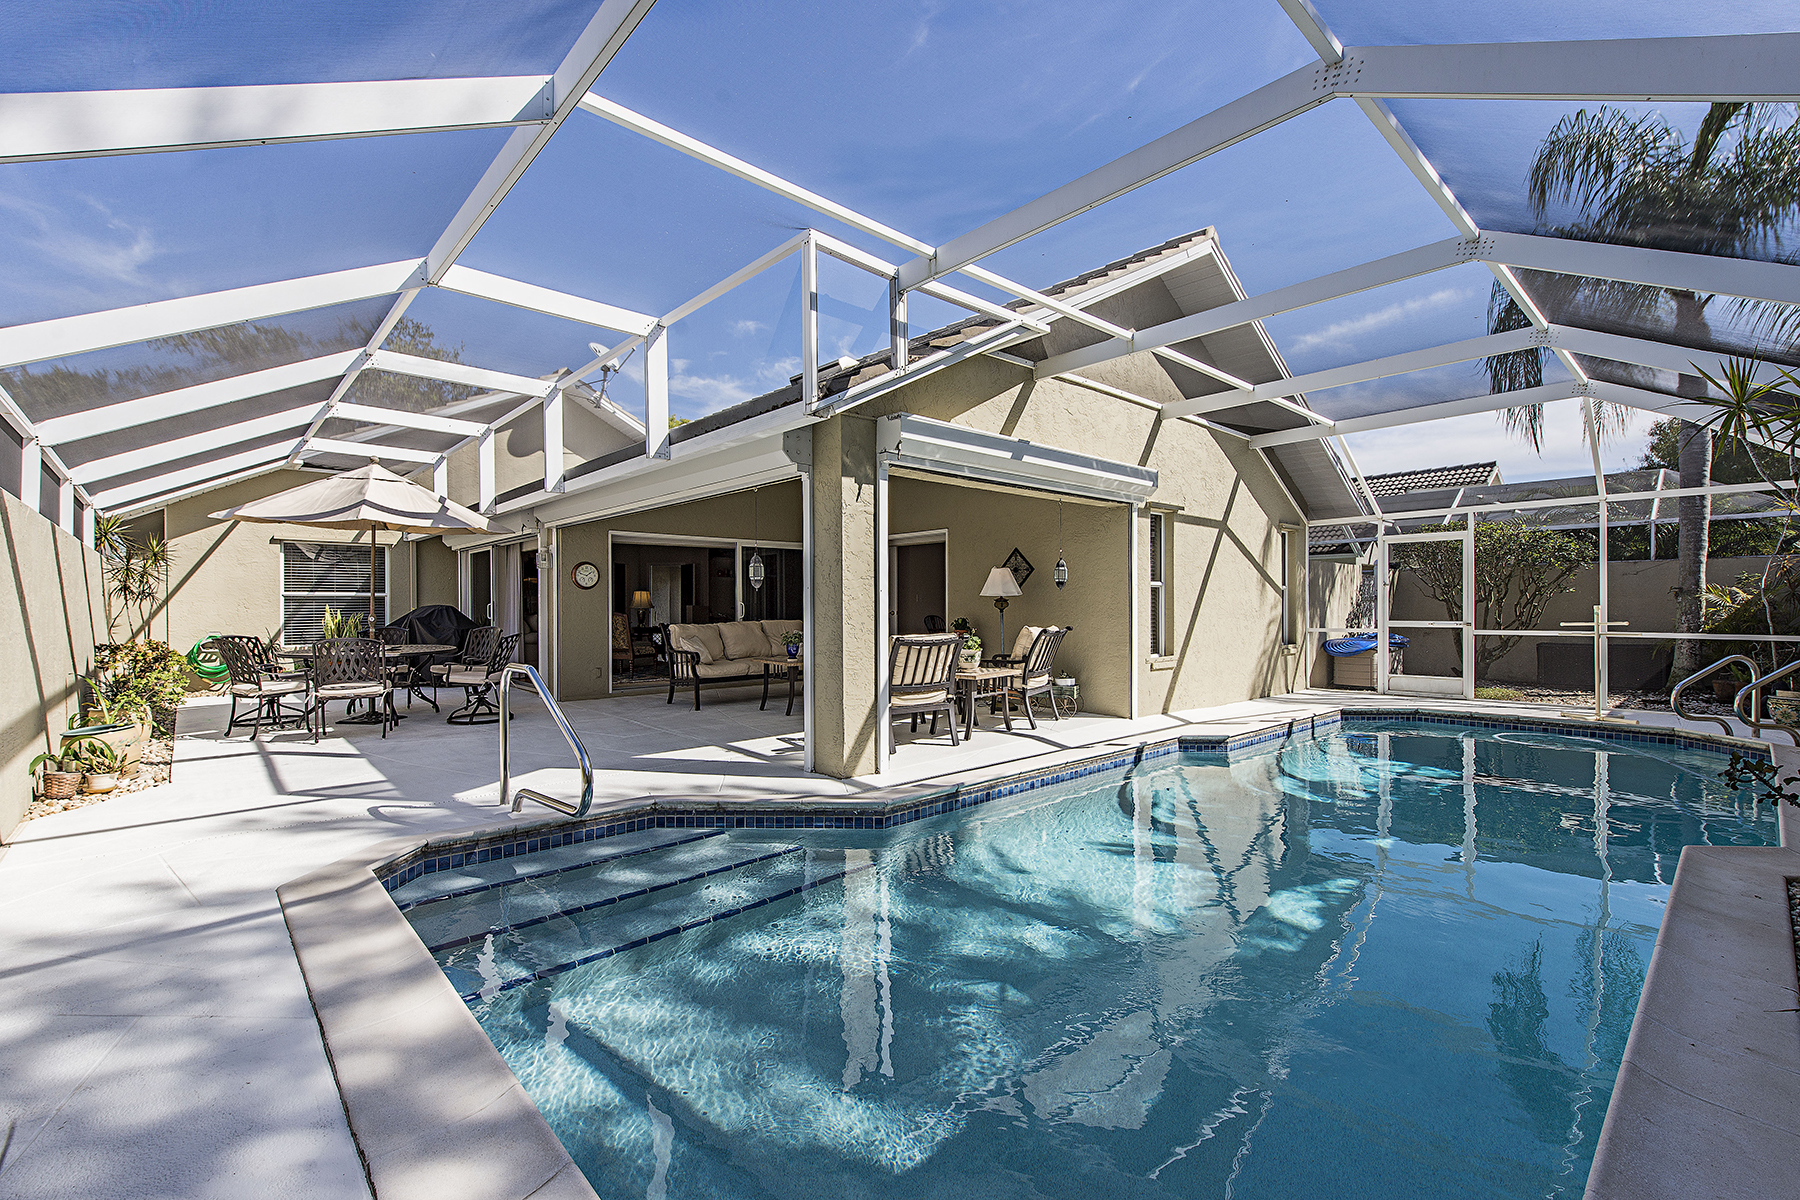 Частный односемейный дом для того Продажа на LONGSHORE LAKE - QUAIL WALK 11031 Longshore Way W Naples, Флорида, 34119 Соединенные Штаты